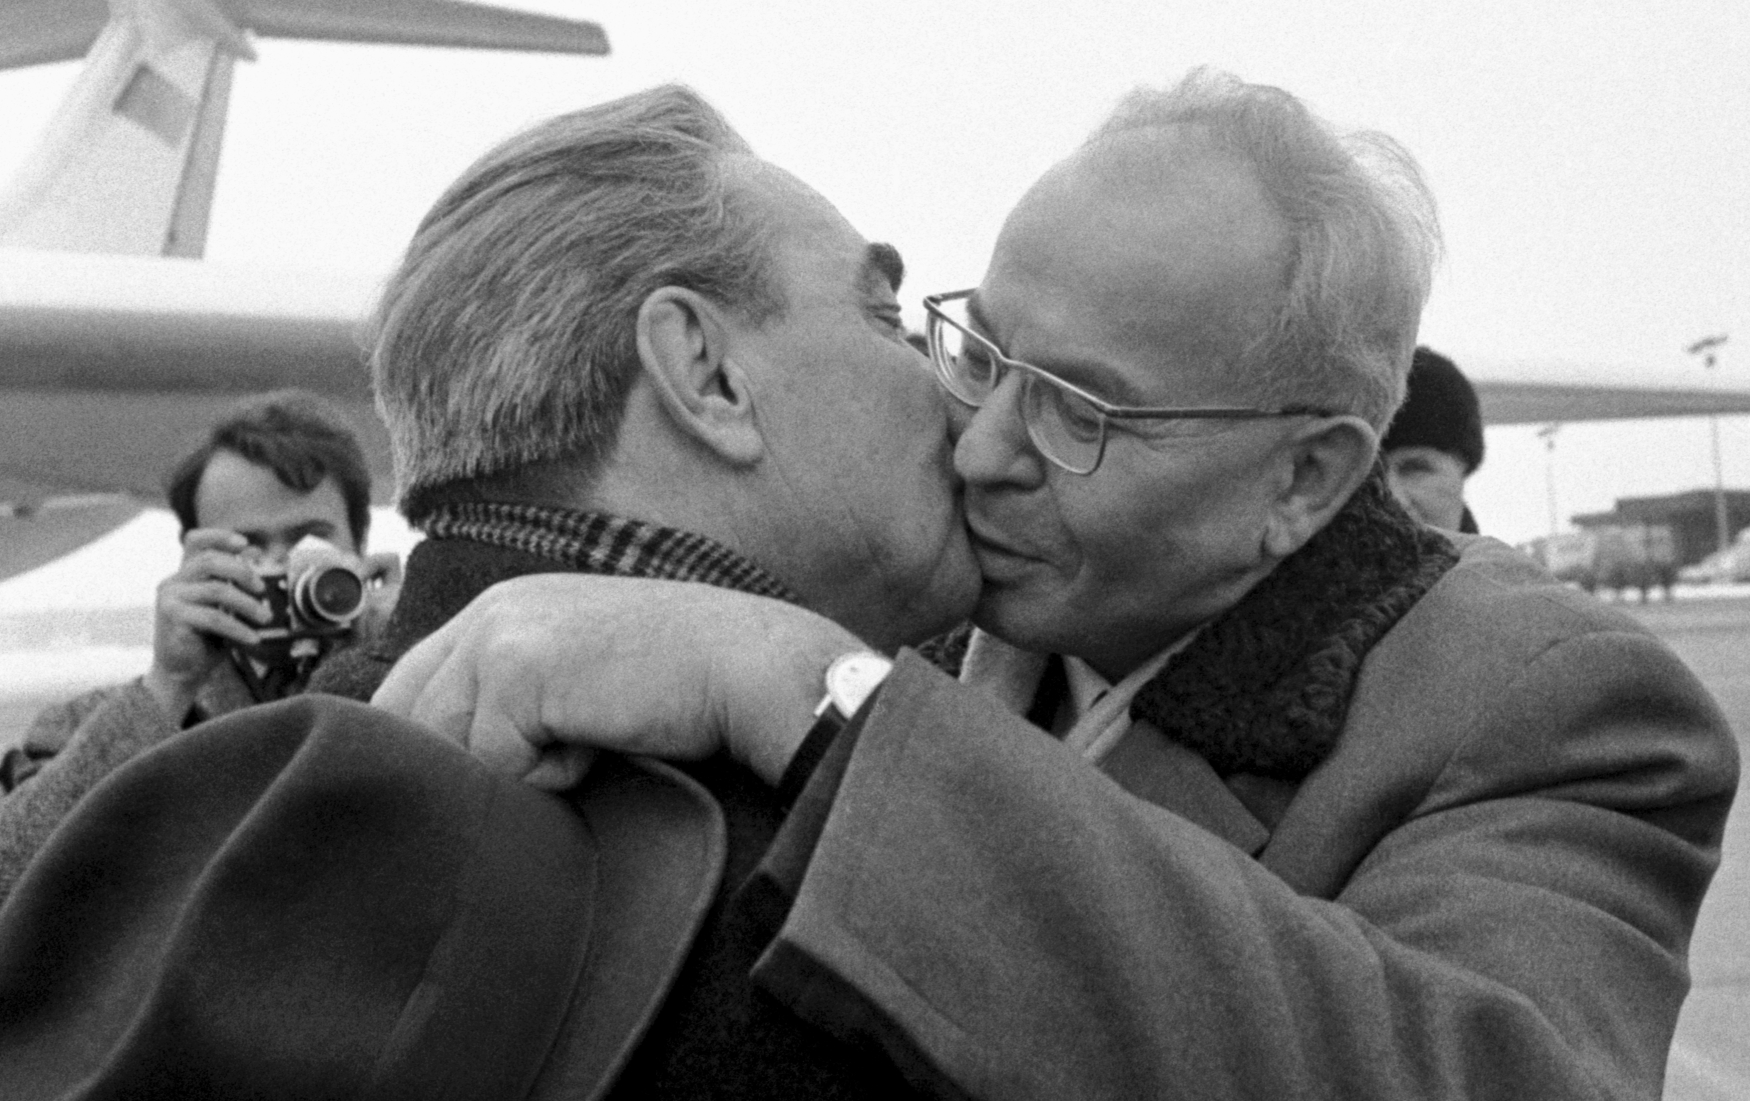 Generální tajemník ÚV KSČ Gustáv Husák vítá sovětského vůdce Leonida Brežněva, který přiletěl do Prahy na zasedání členských států Varšavské smlouvy (24. 1. 1972)